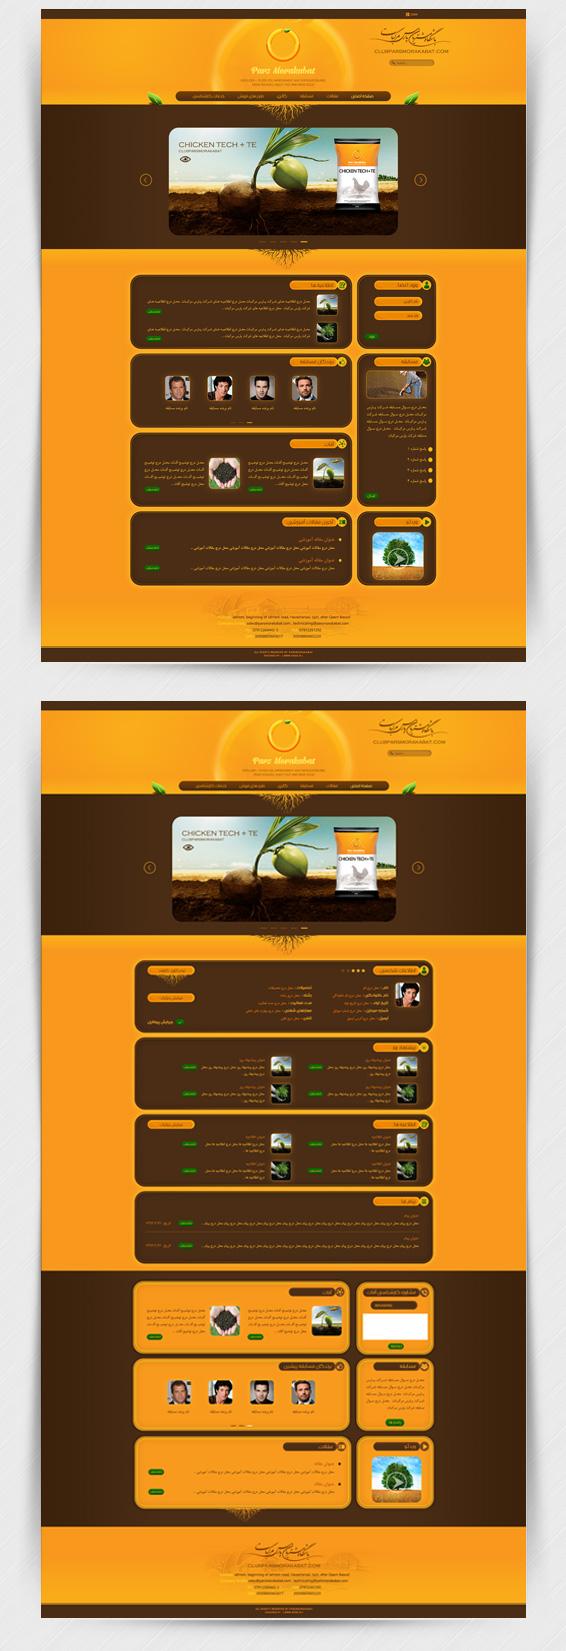 طراحی سایت باشگاه مشتریان پارس مرکبات